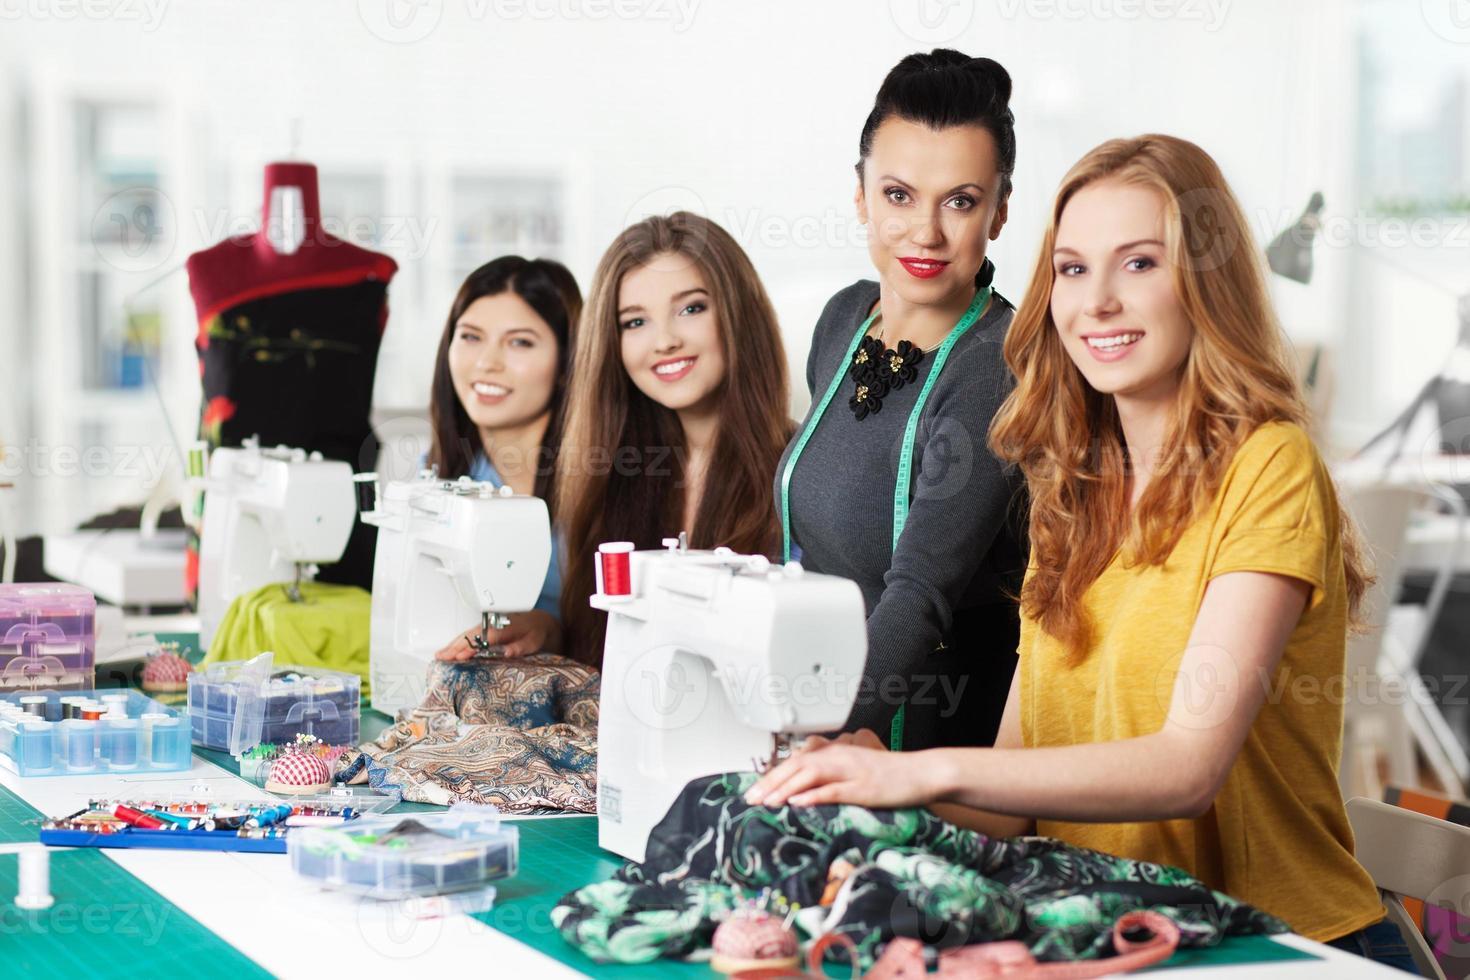 vrouwen in een naaiatelier foto